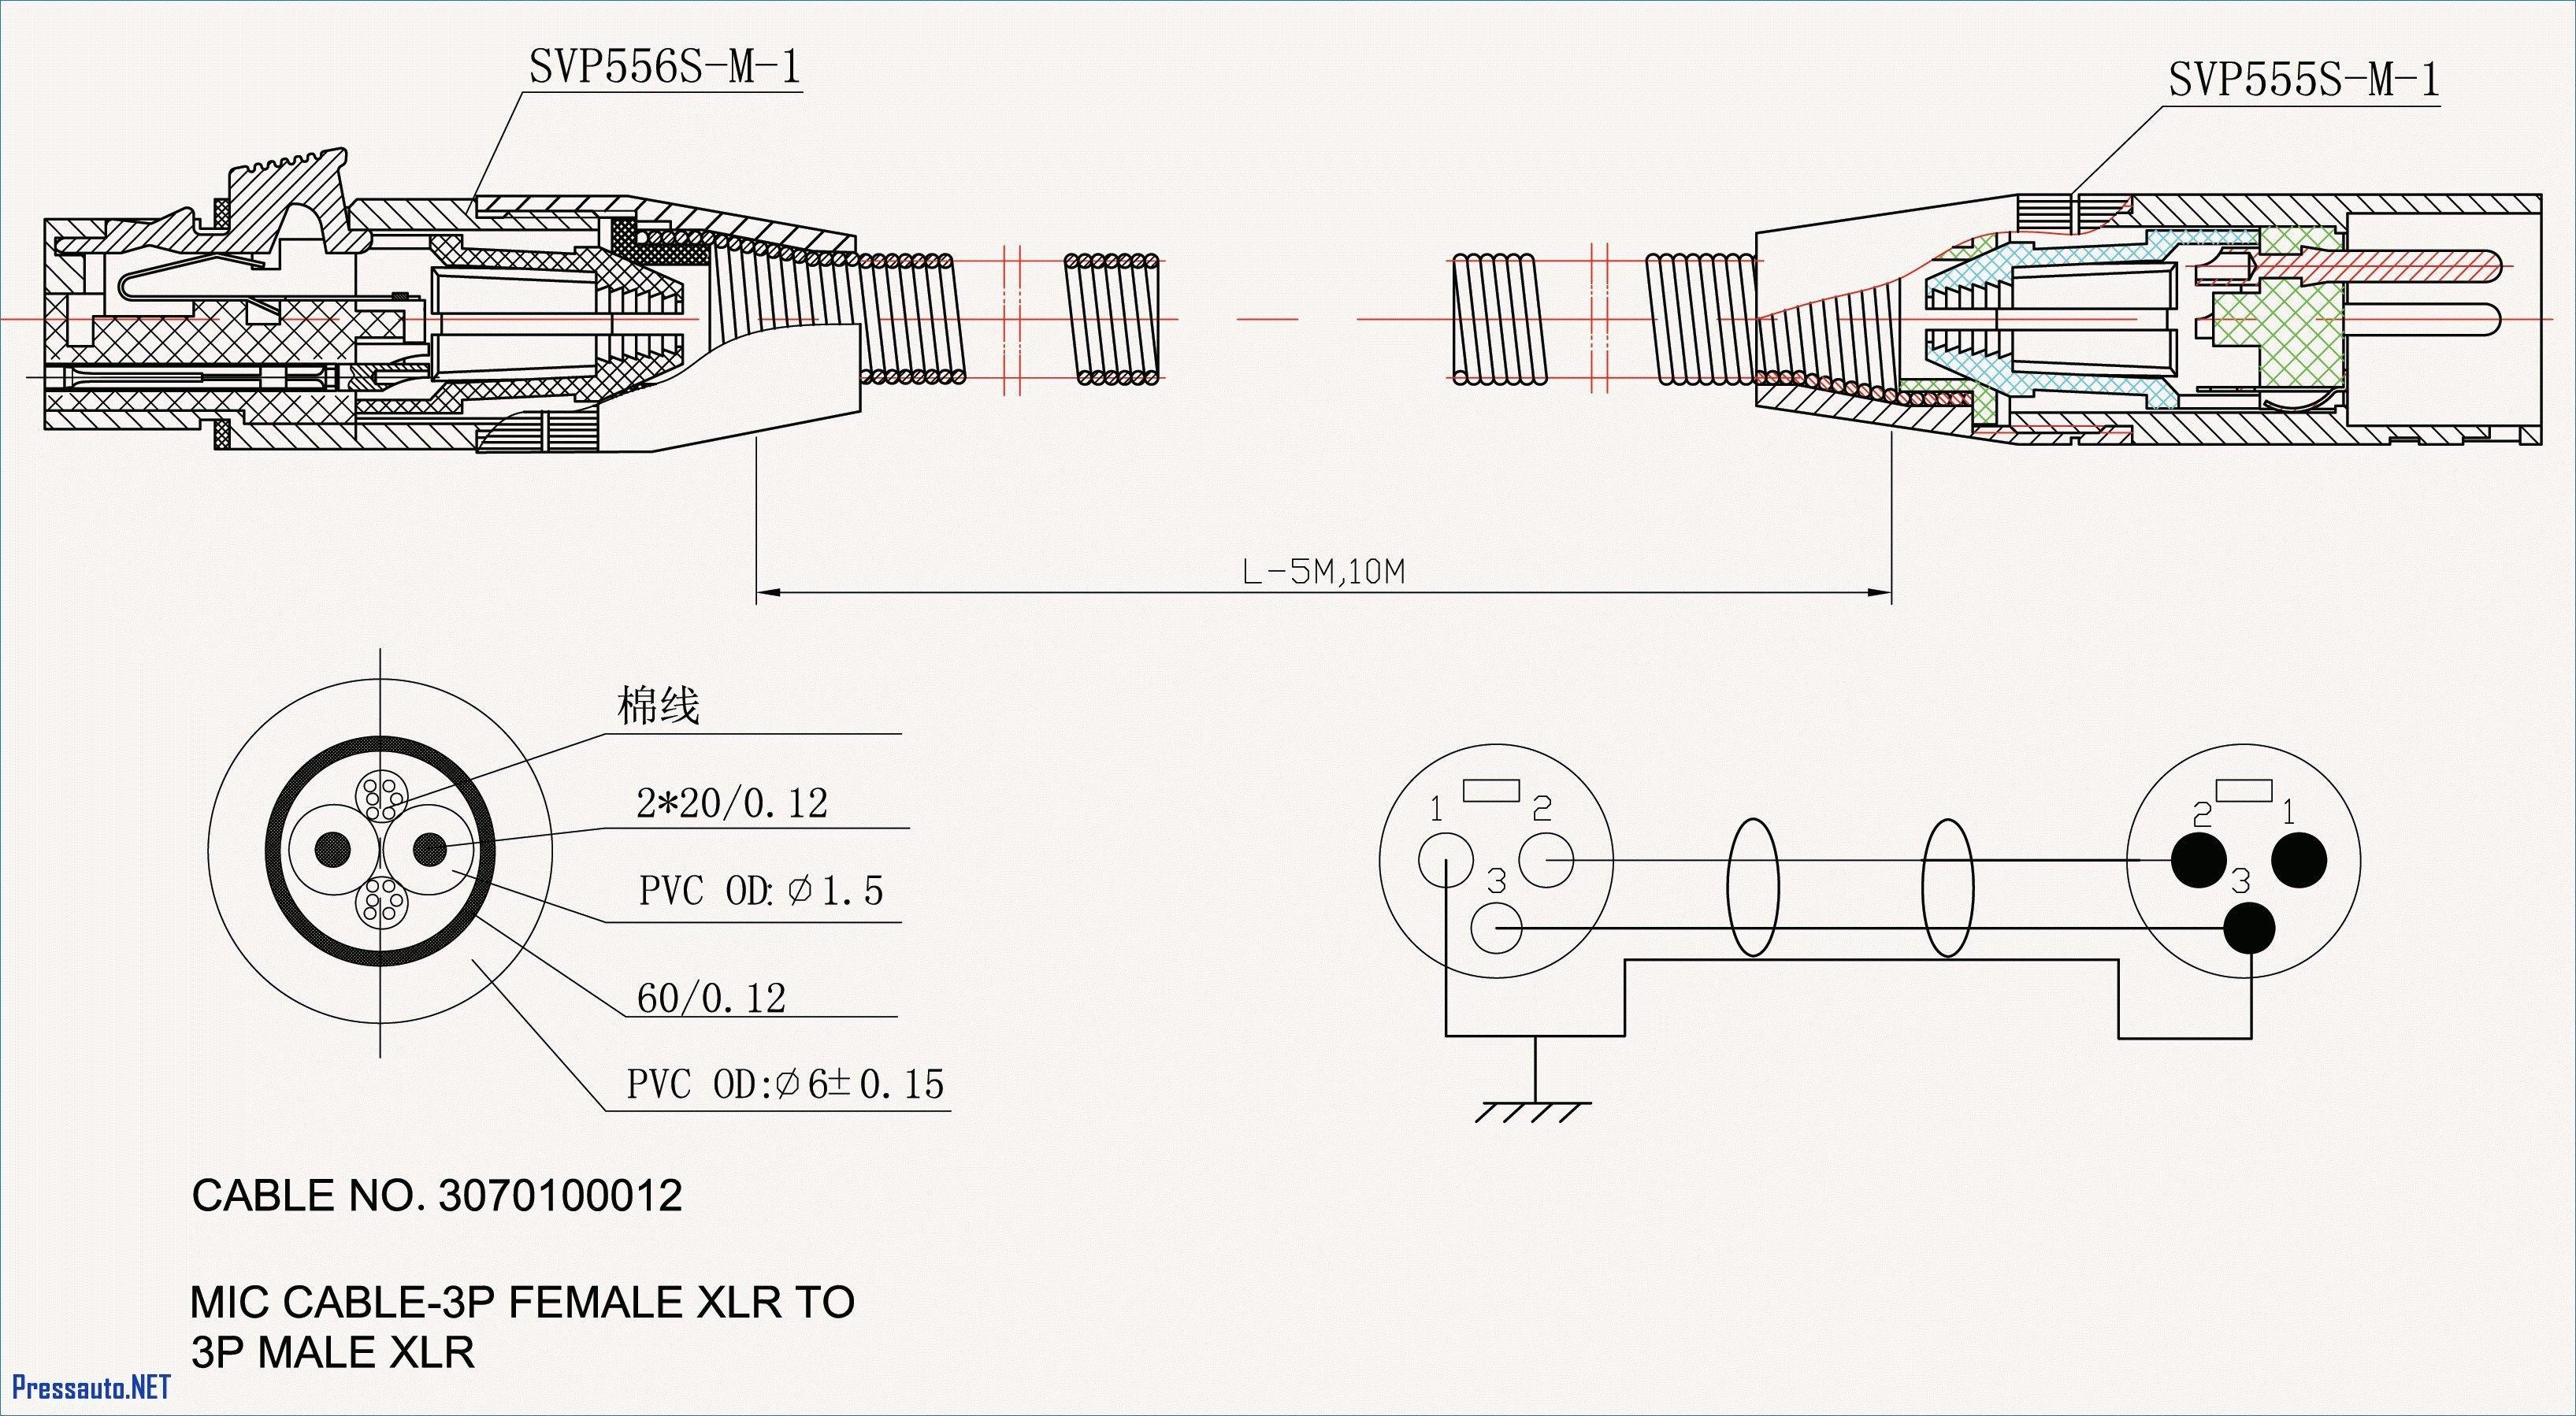 Doerr Electric Motors Wiring Diagrams In 2020 Electrical Wiring Diagram Diagram Alternator